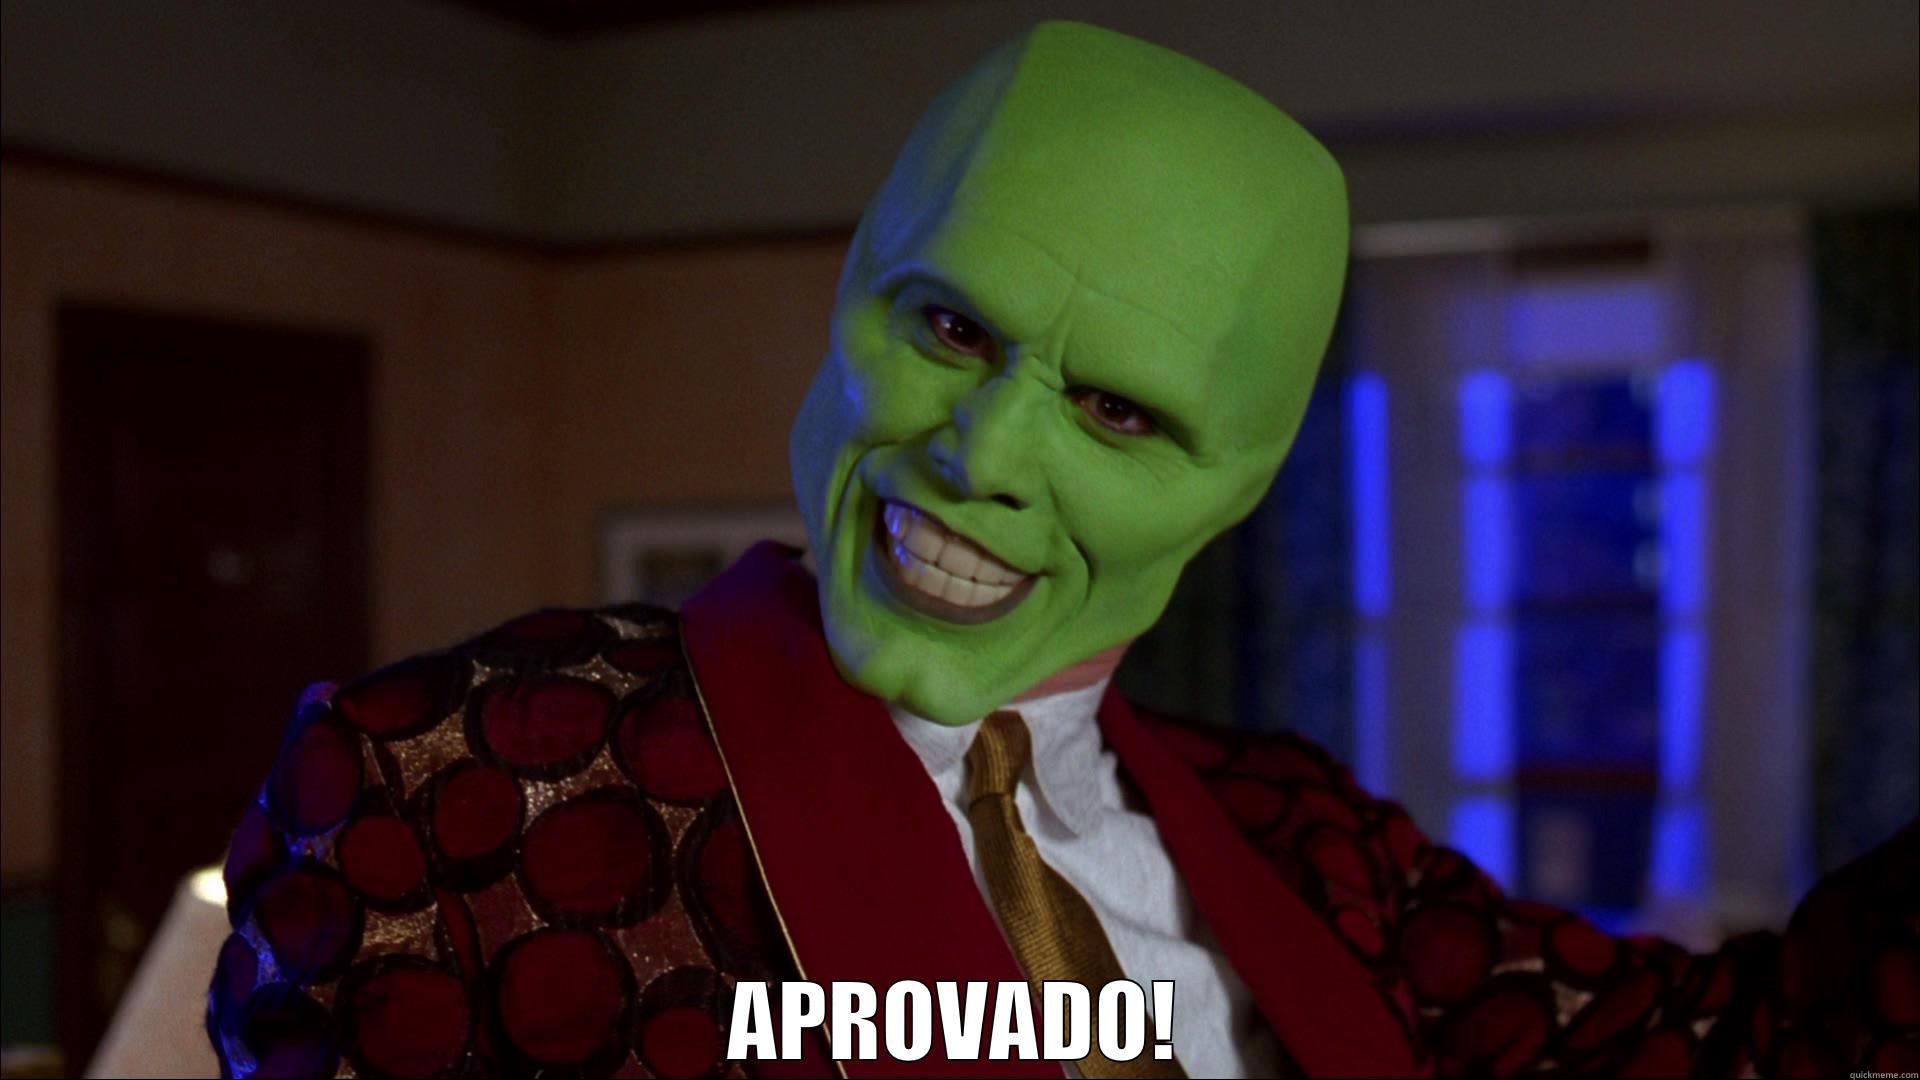 26275b50c0cd263a2afb0a453d5683962891f50625ea017653a1a4609603dc89 the mask approves quickmeme,The Mask Meme